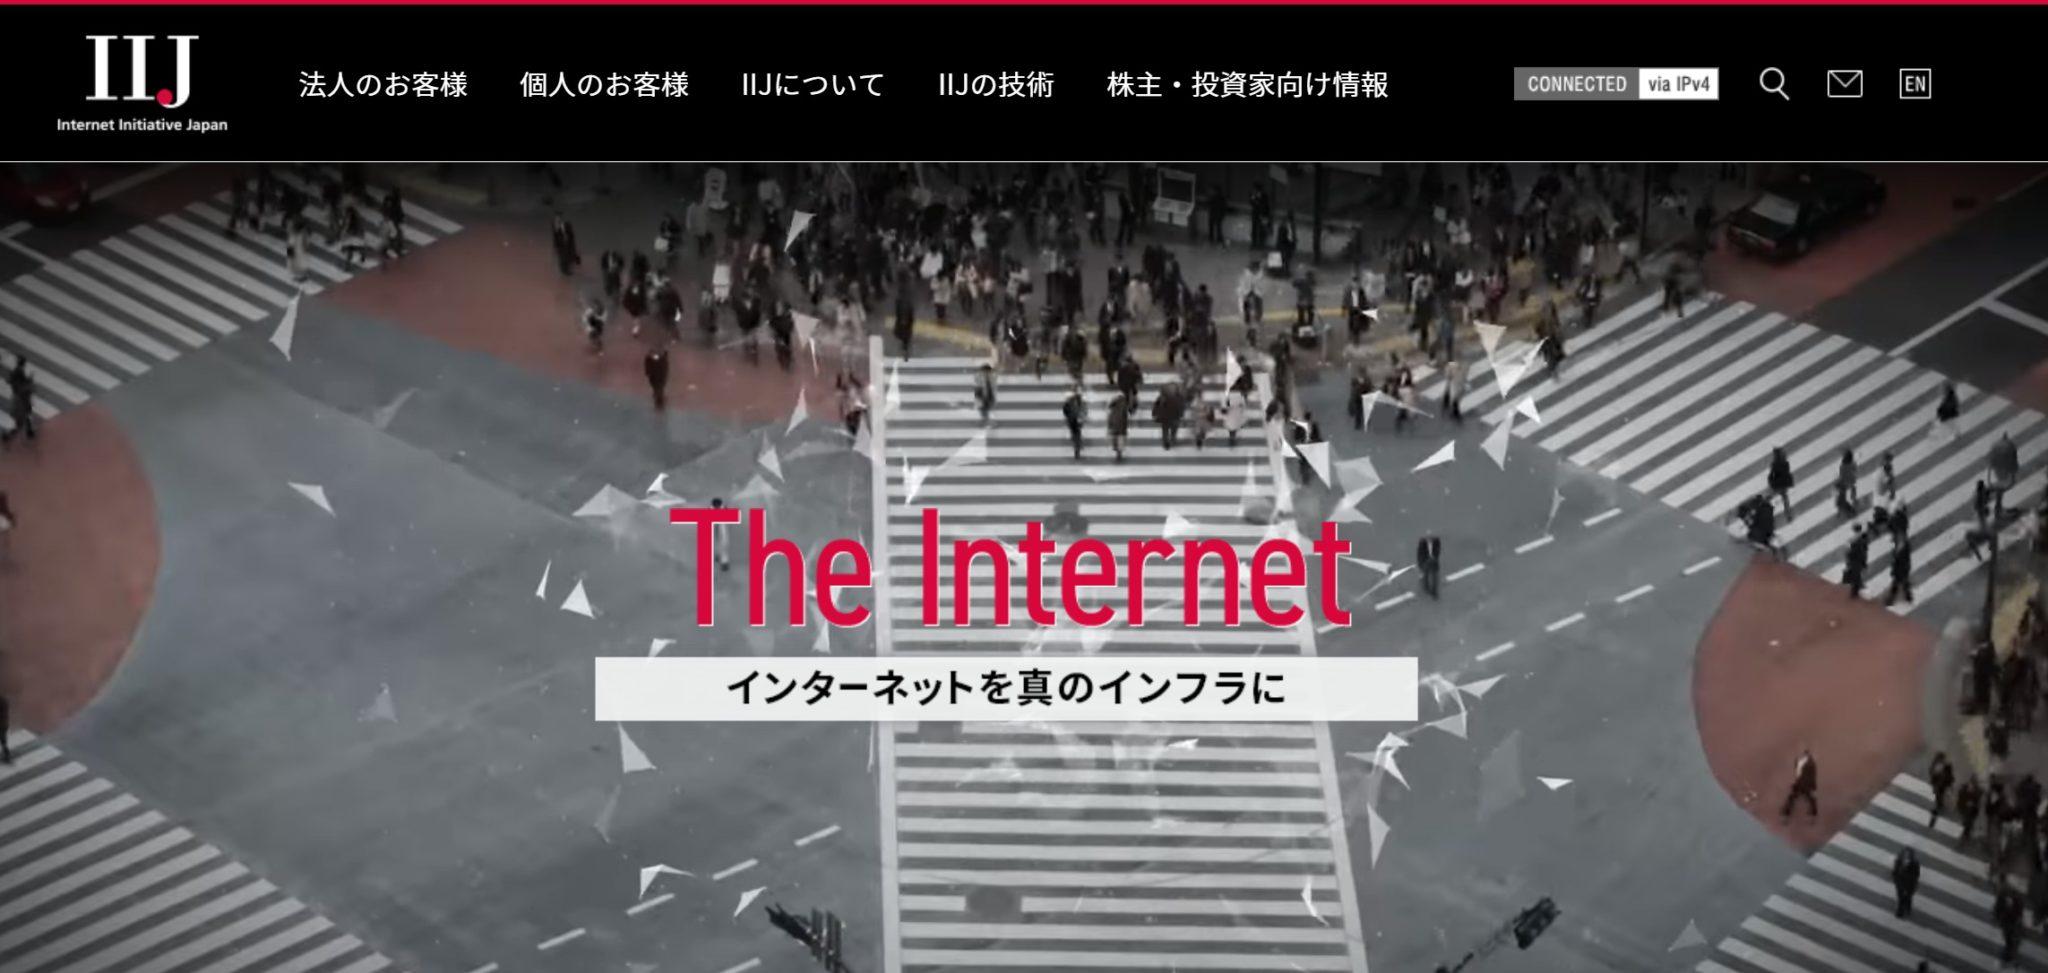 インターネットイニシアティブ(IIJ)